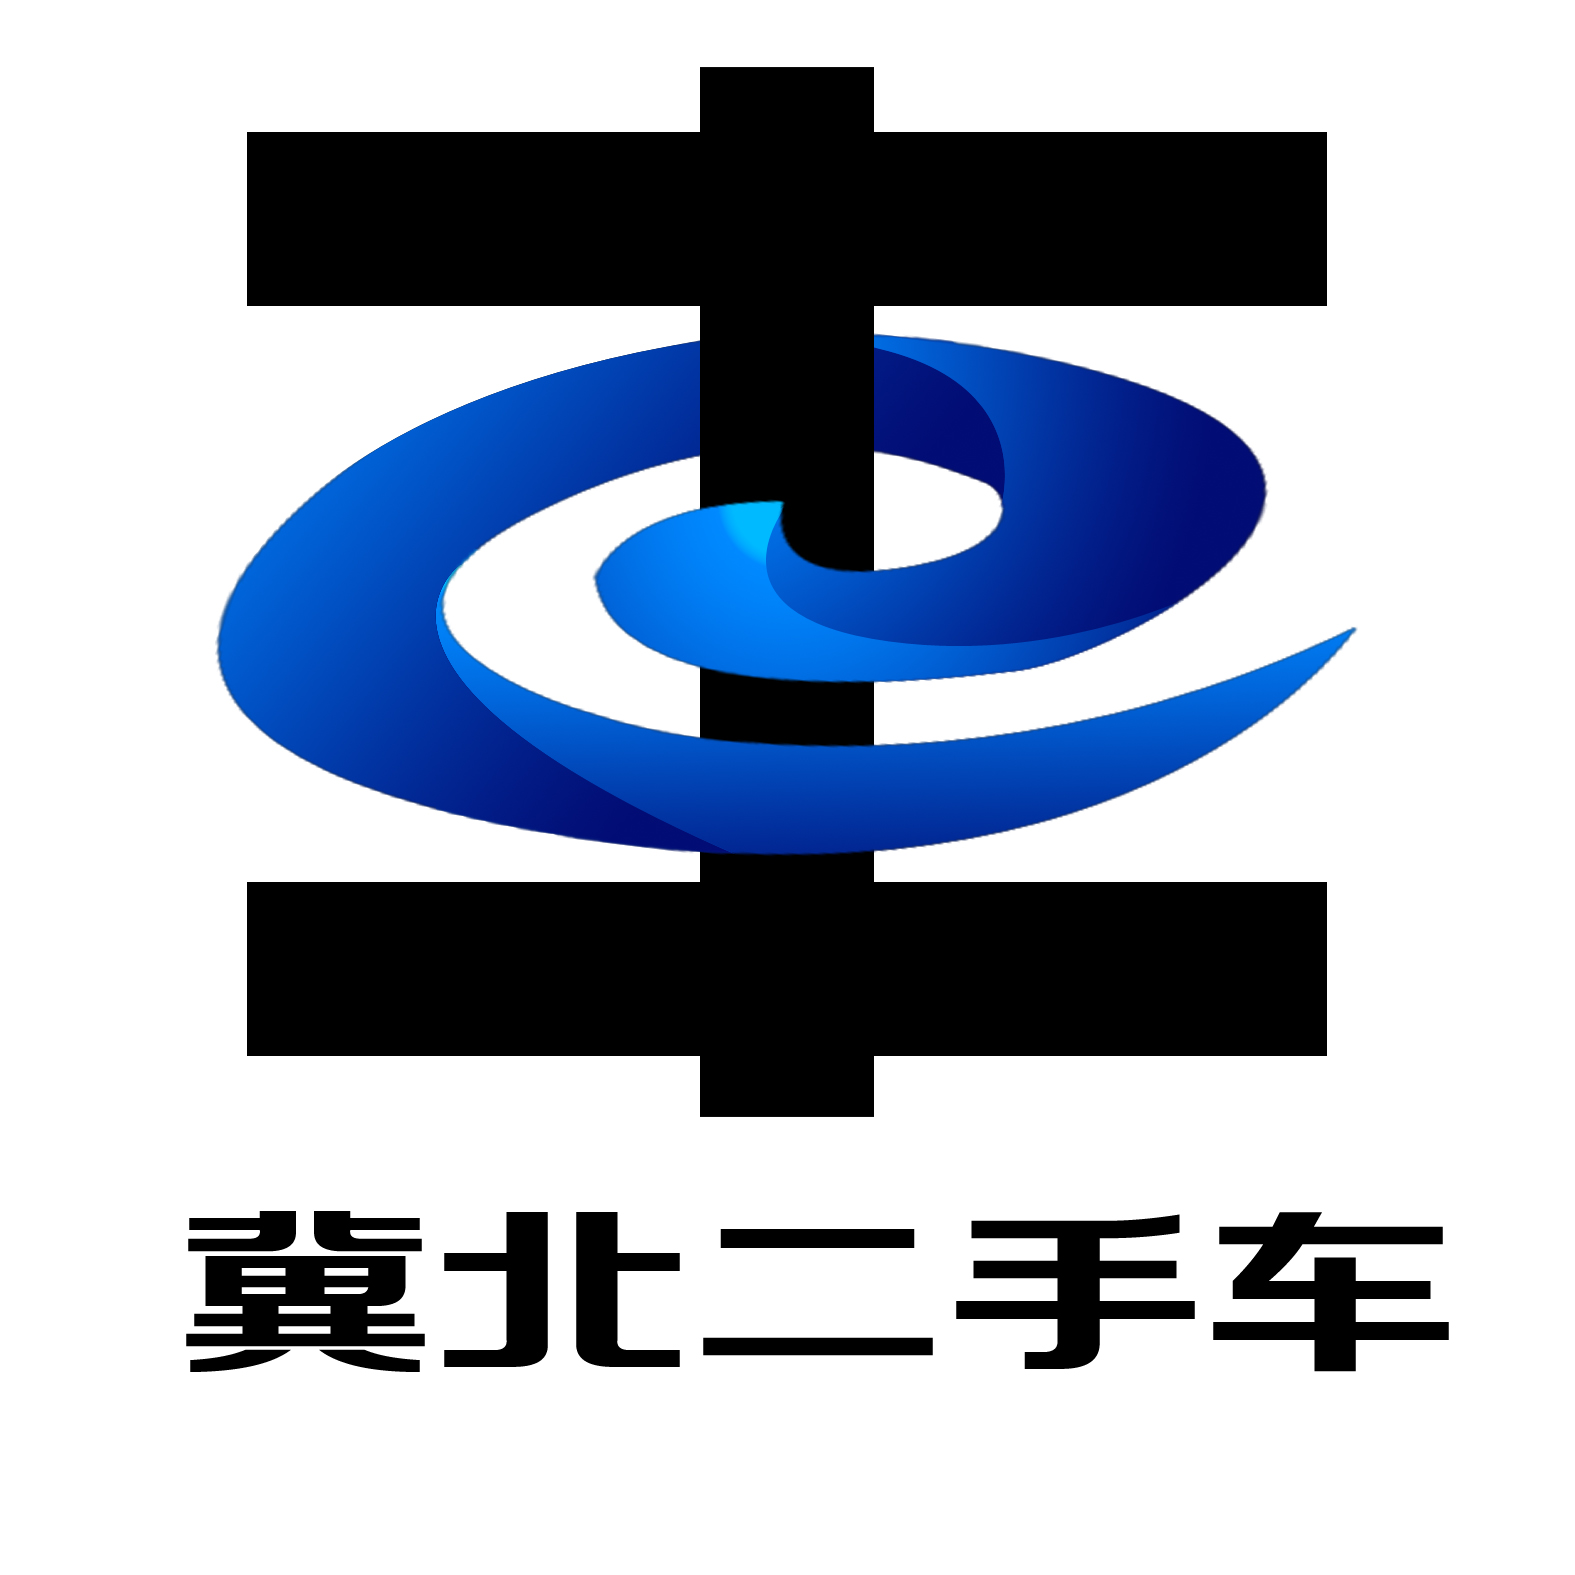 京南冀北二手车logo和vi设计